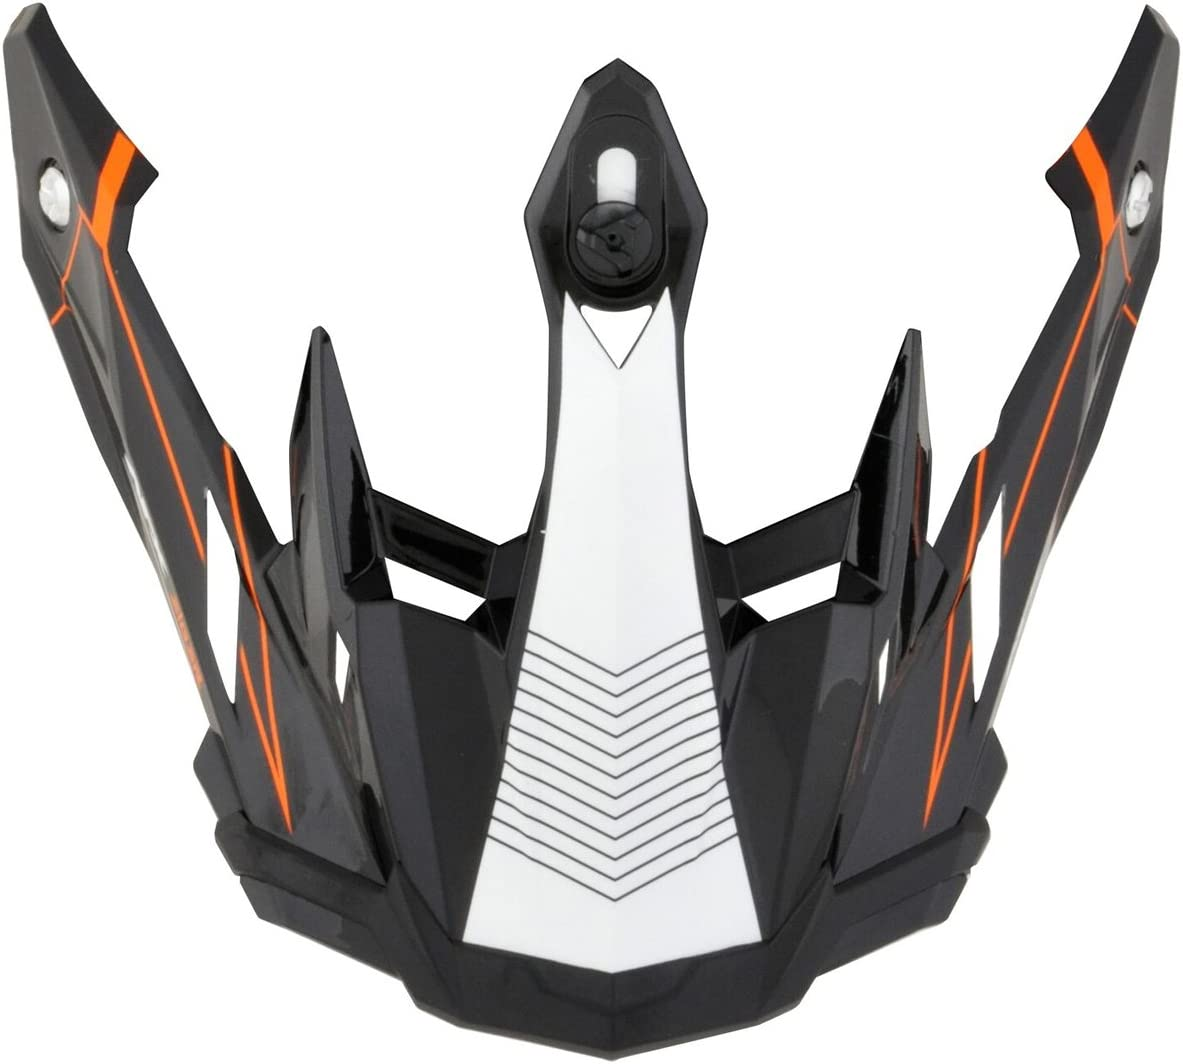 買収 AFX 01321038 Peak 100%品質保証! for FX-41DS - Orange Eiger Helmets